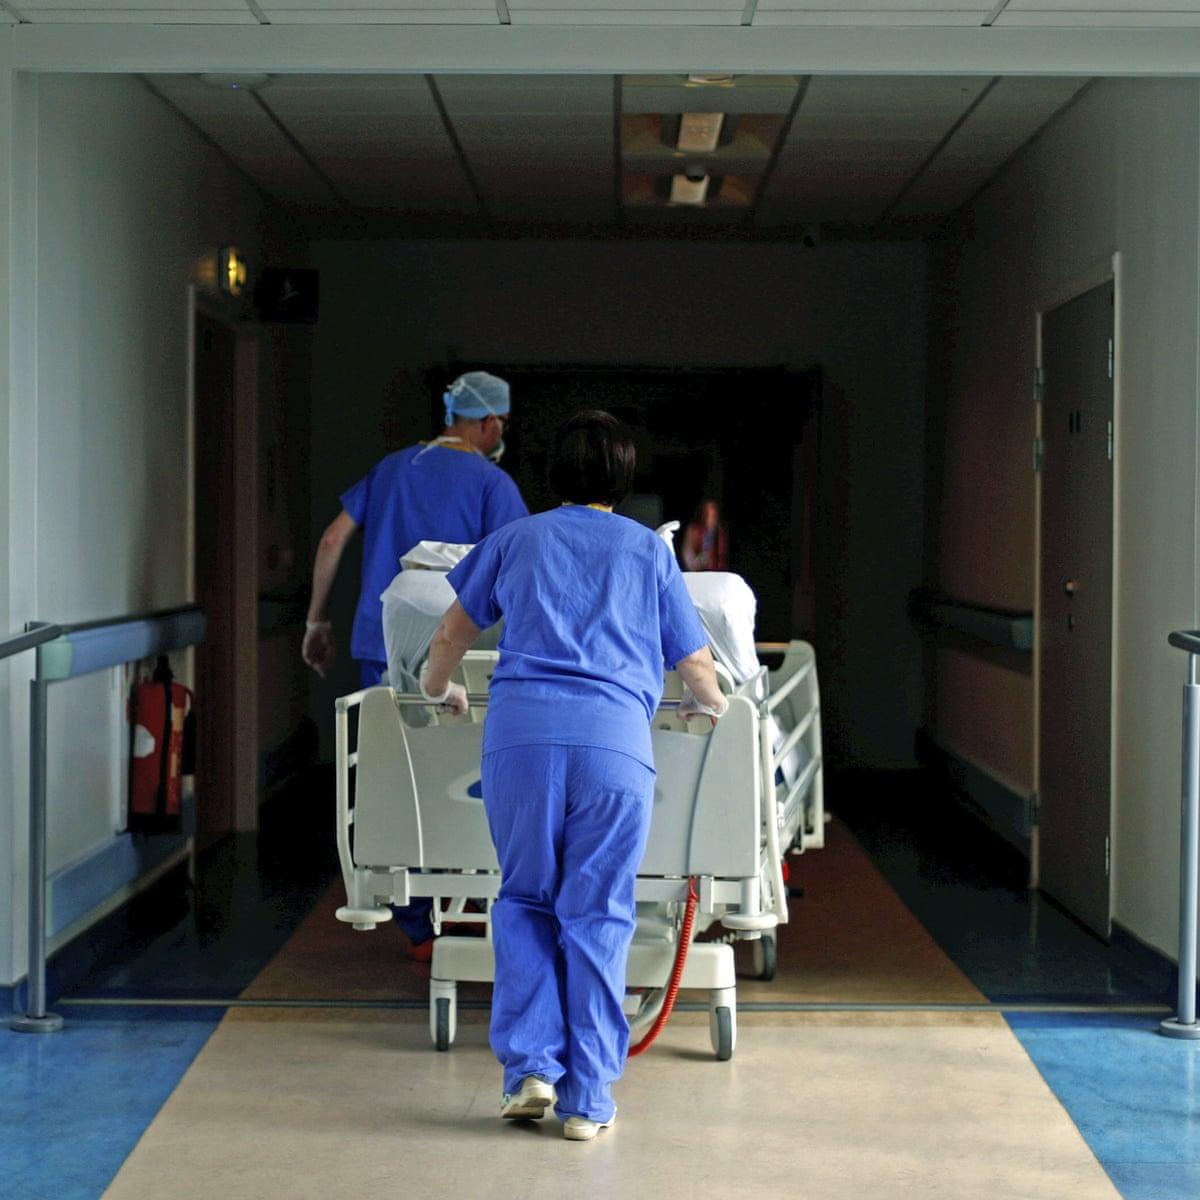 Hình ảnh các bác sĩ đẩy bệnh nhân tới phòng phẫu thuật